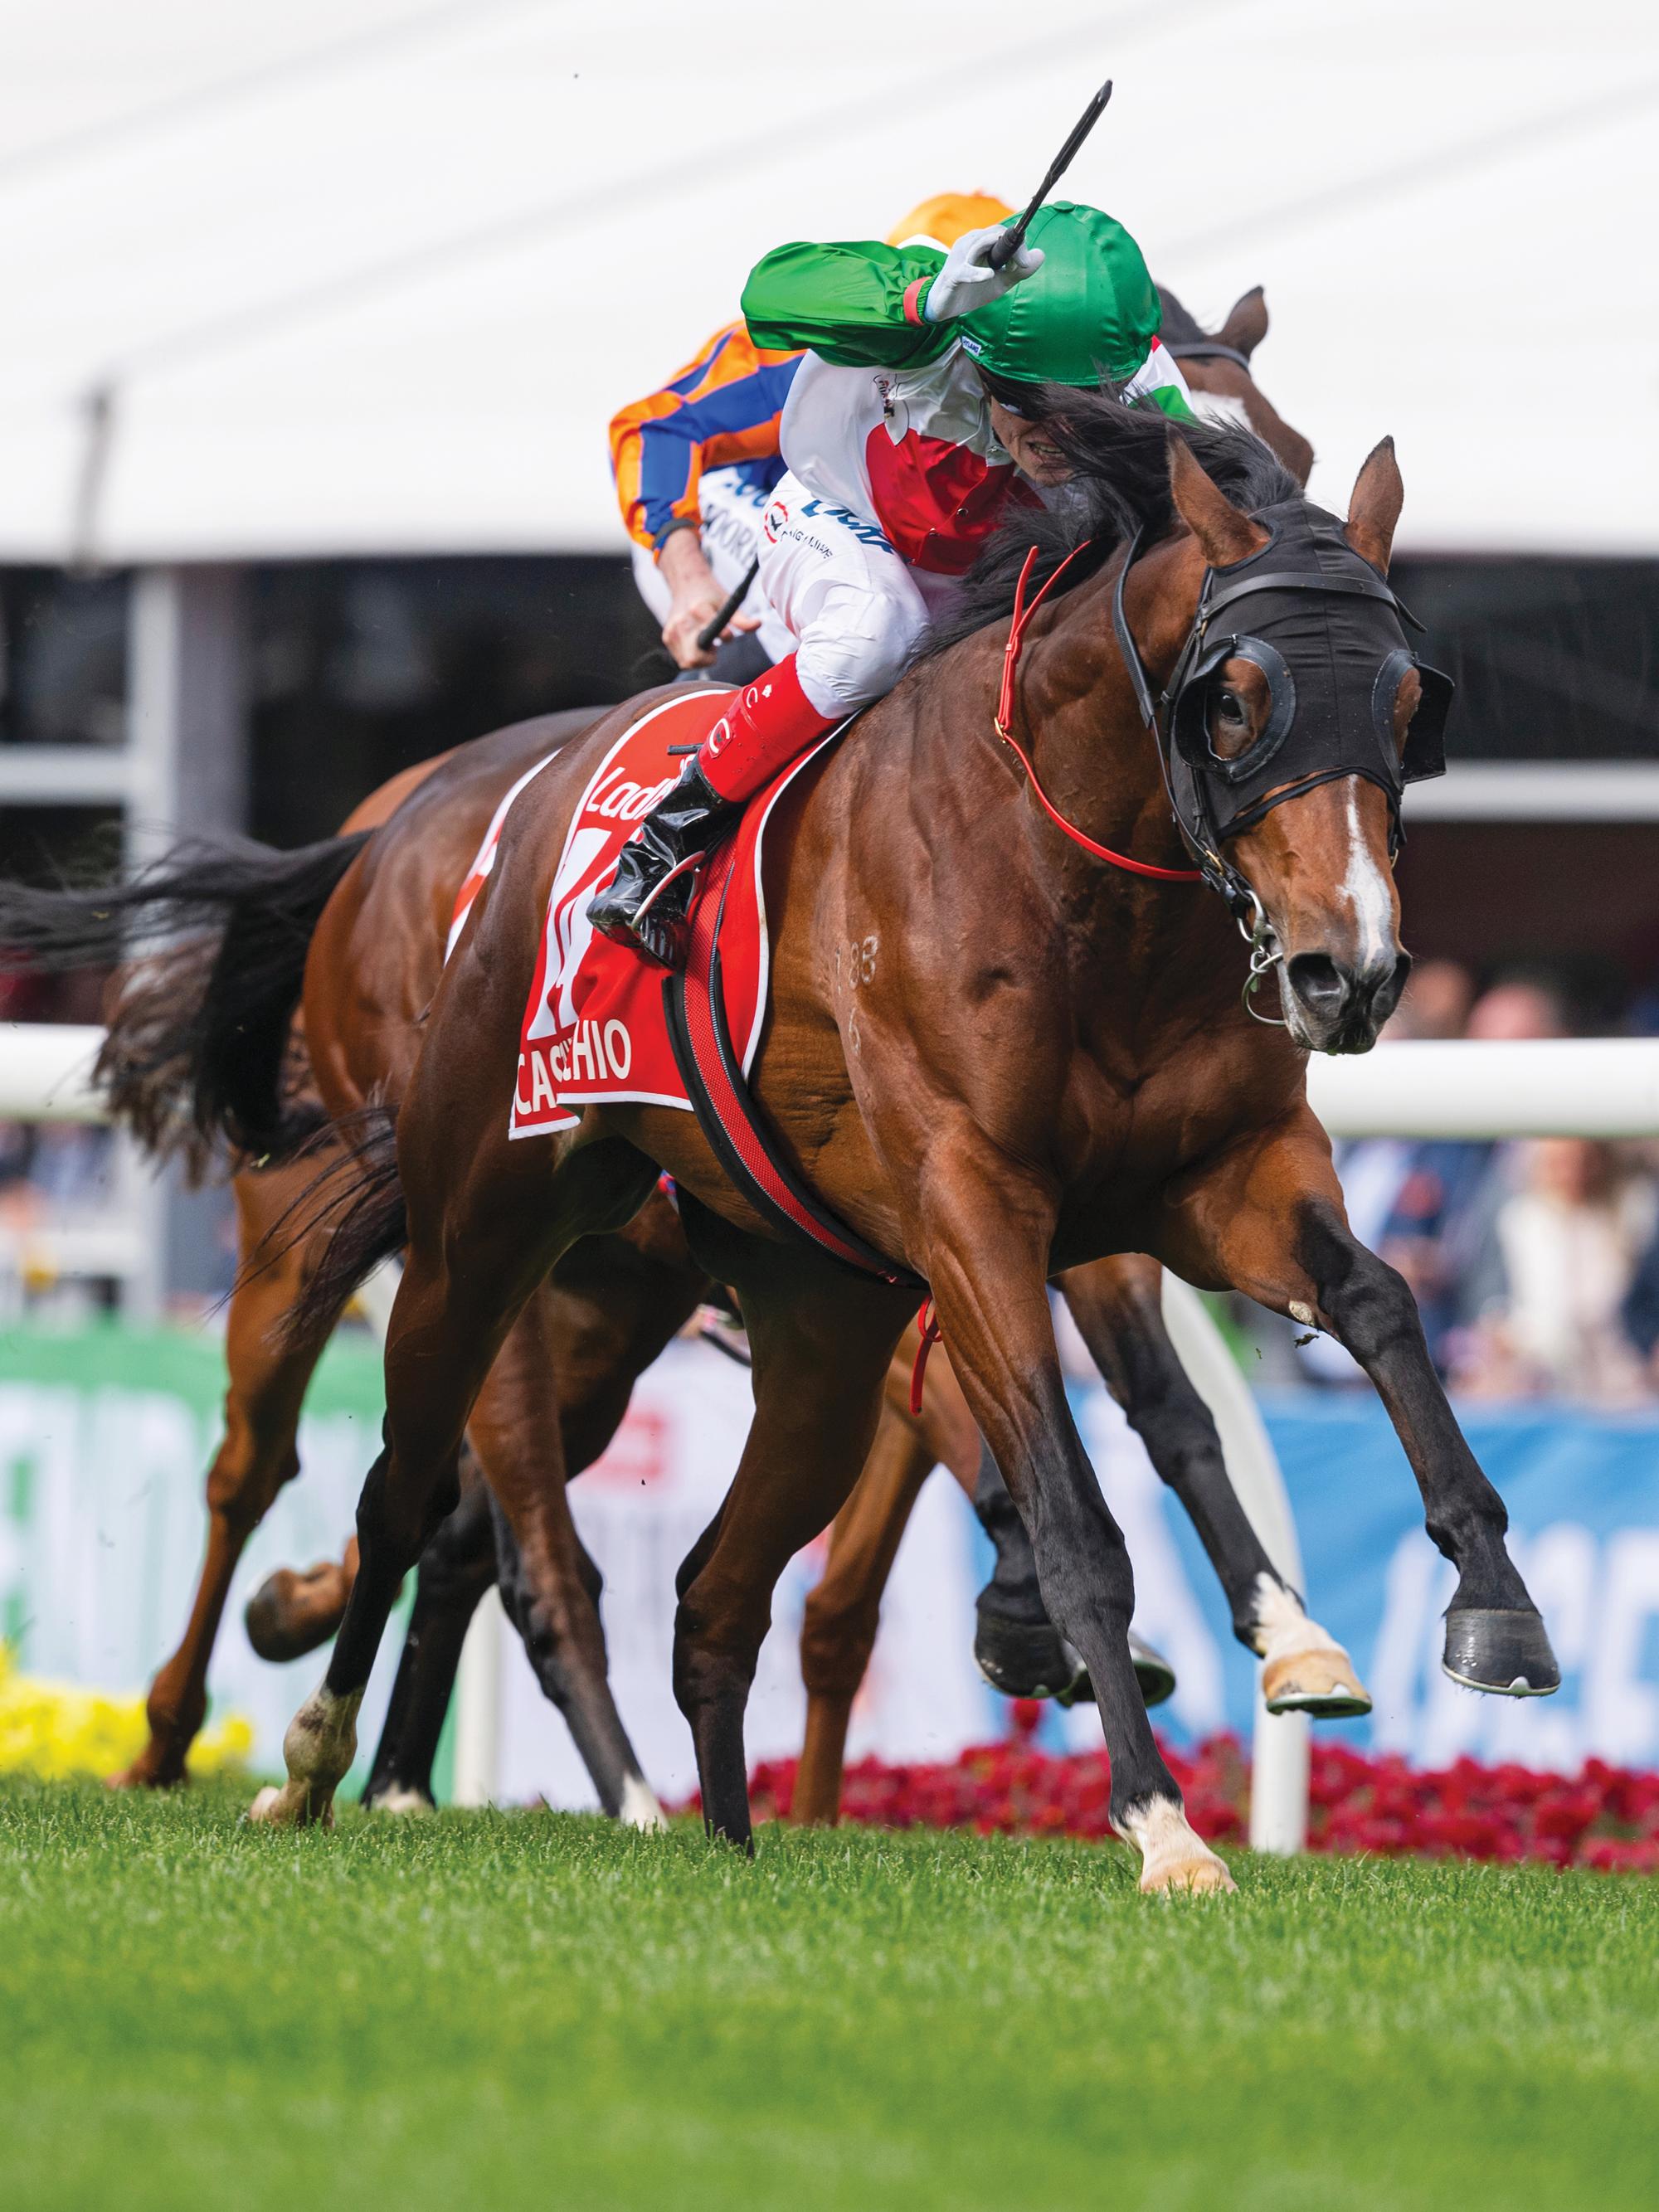 https://www.stallions.com.au/wp-content/uploads/2020/05/Castelvecchio-WilliamsCraig-20191026-3123.png